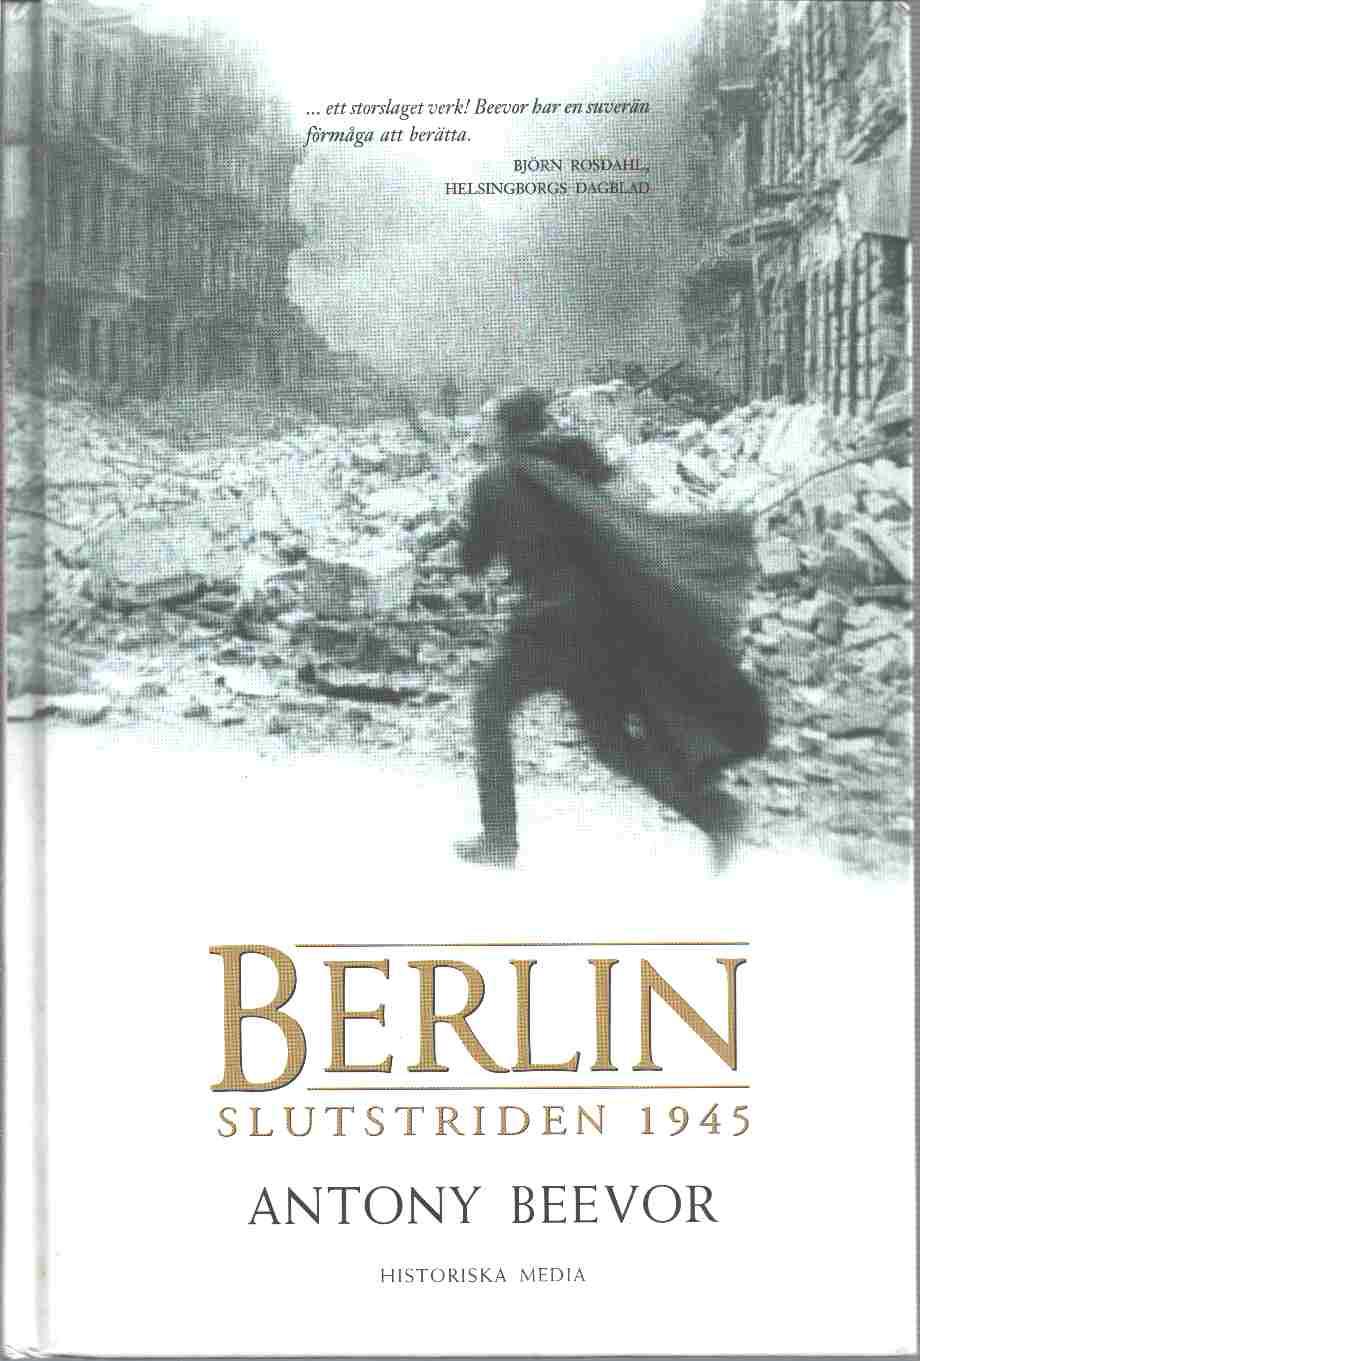 Berlin : slutstriden 1945 - Beevor, Antony